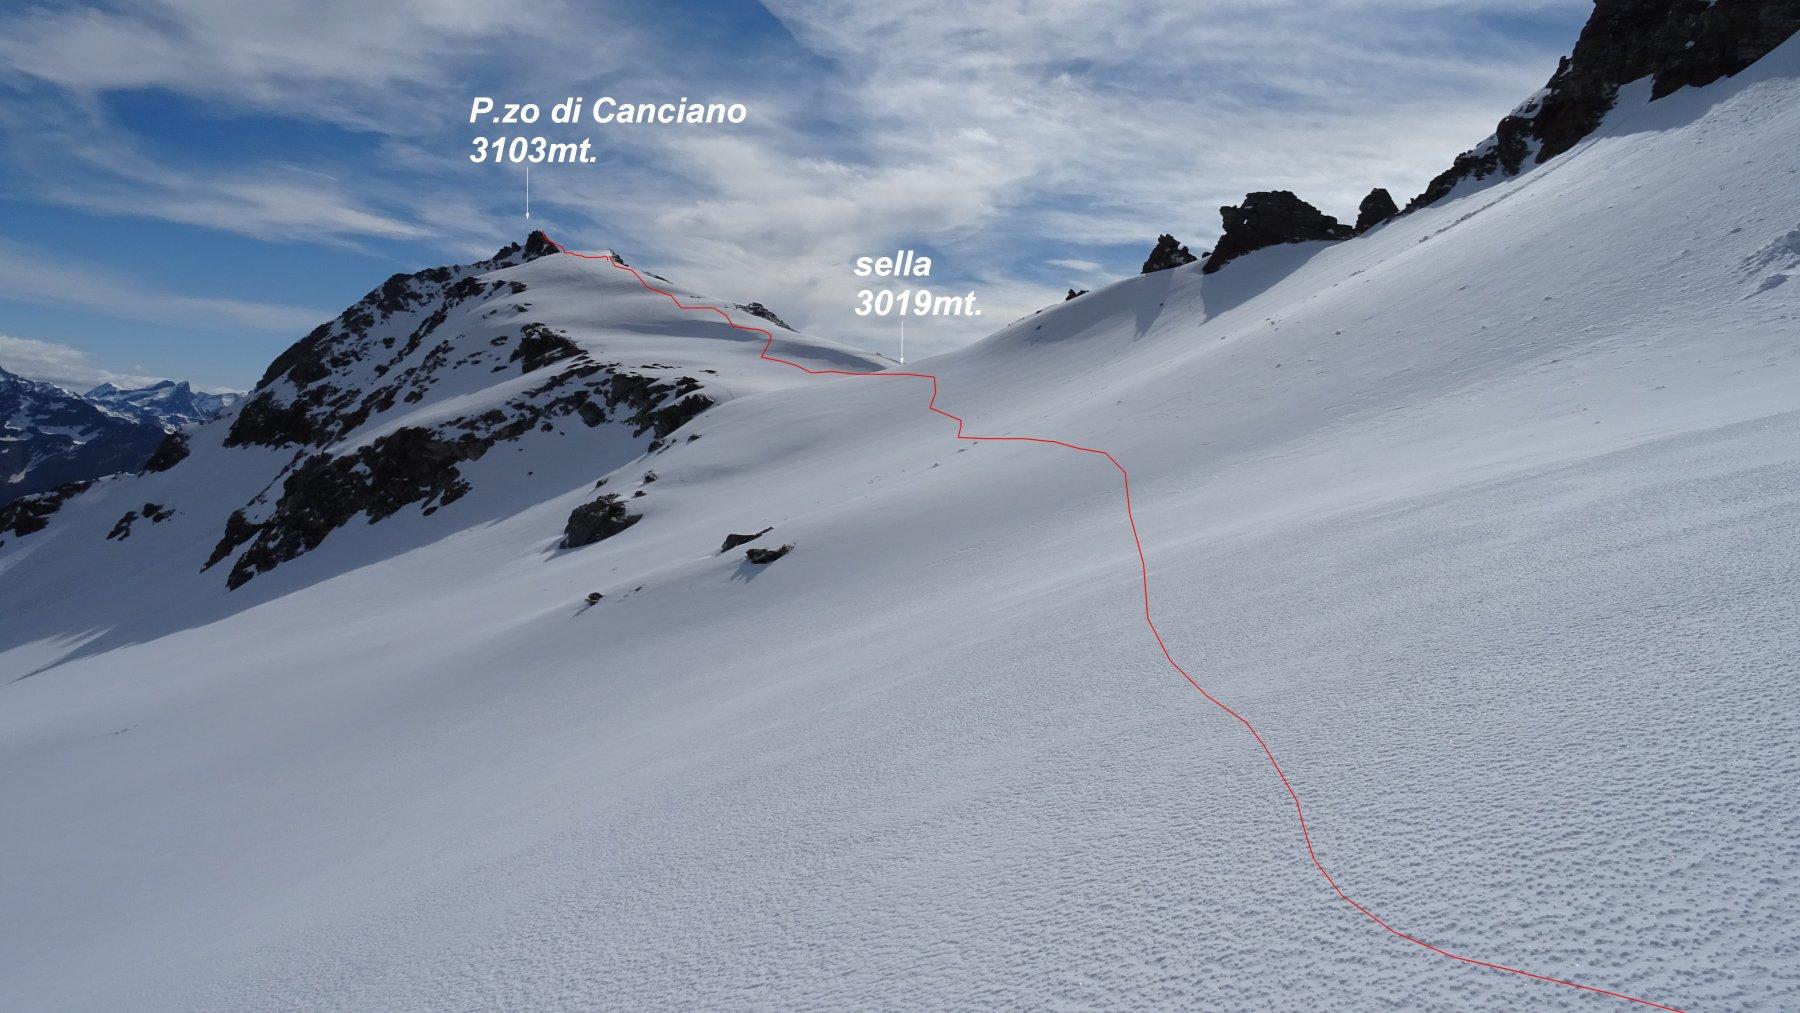 In rosso la traccia di salita al P.zo di Canciano.